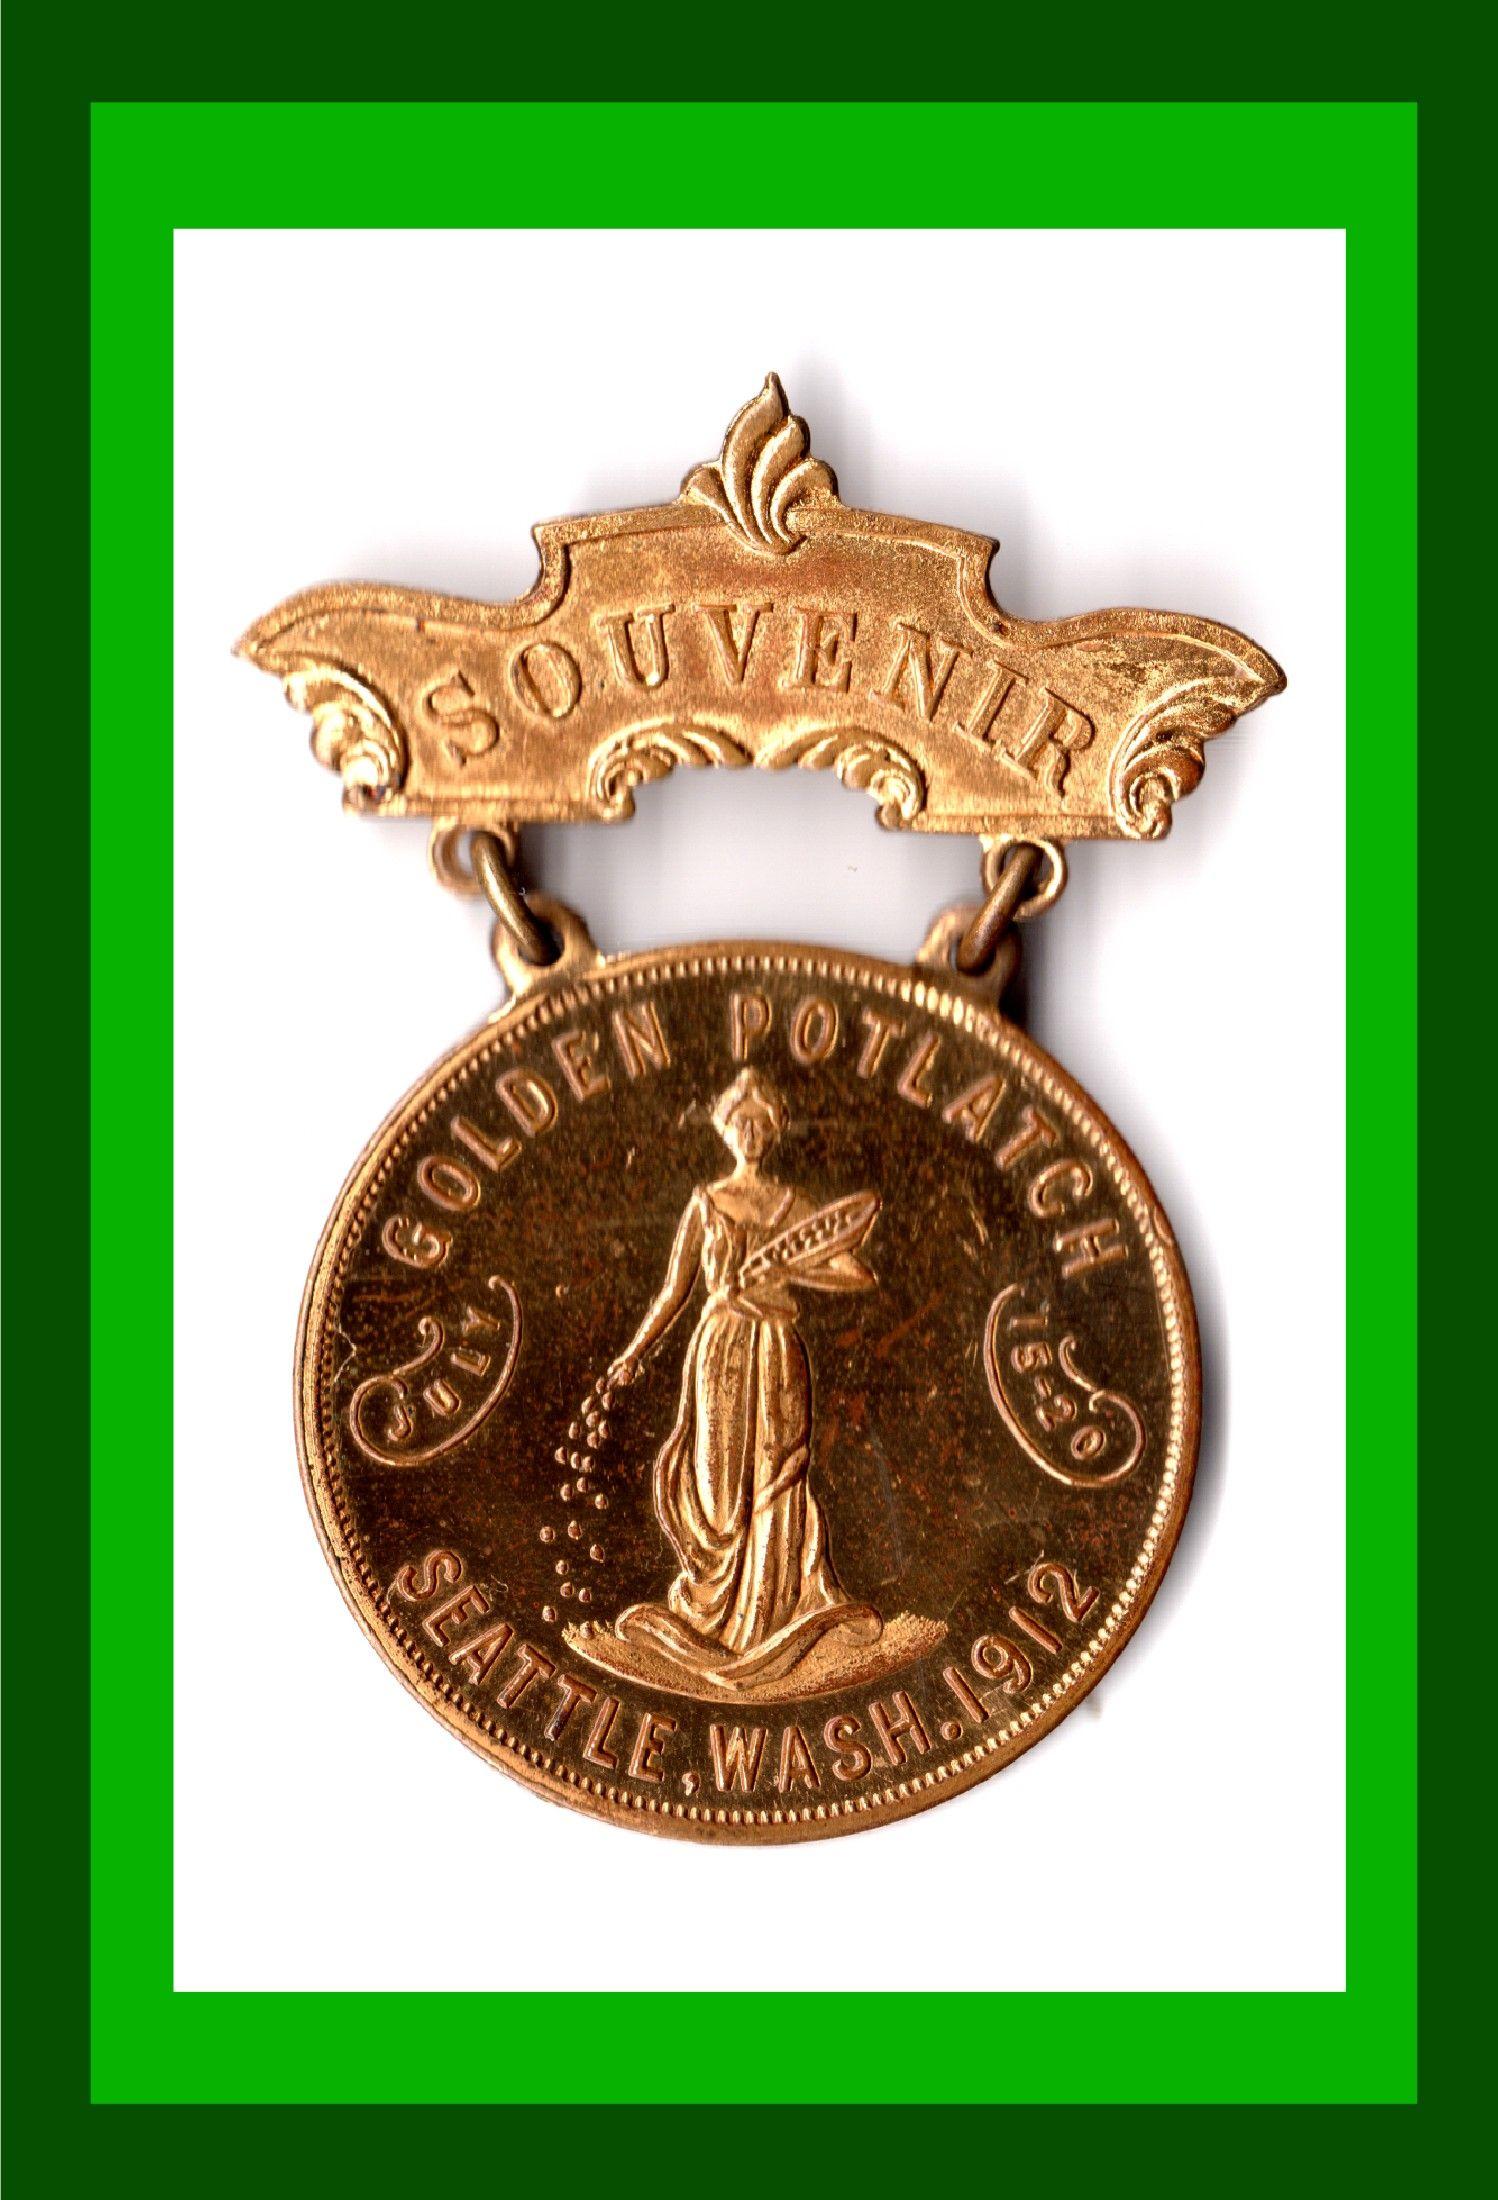 1912 golden potlatchsouvenir medal with liberty obverse